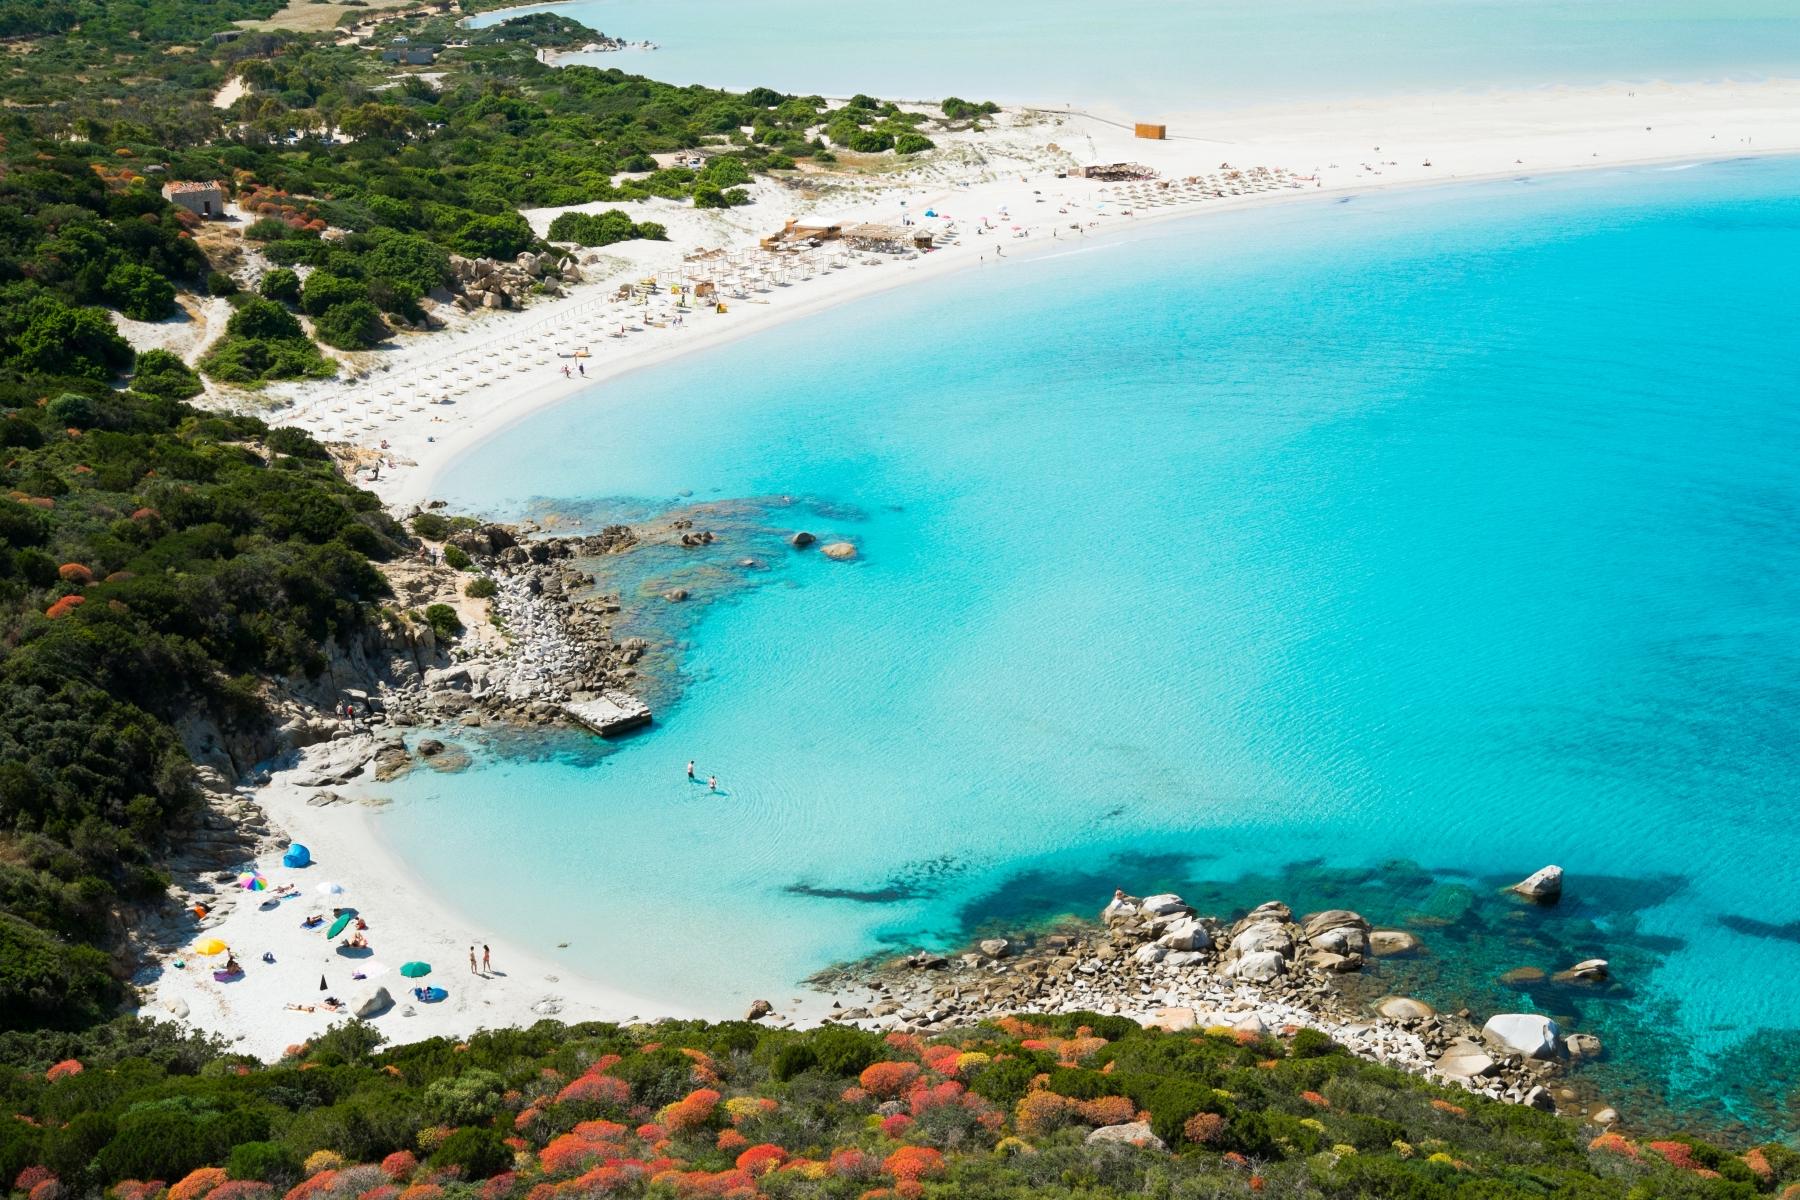 Die schönsten Strände Sardiniens   Magazine   DLT Travel